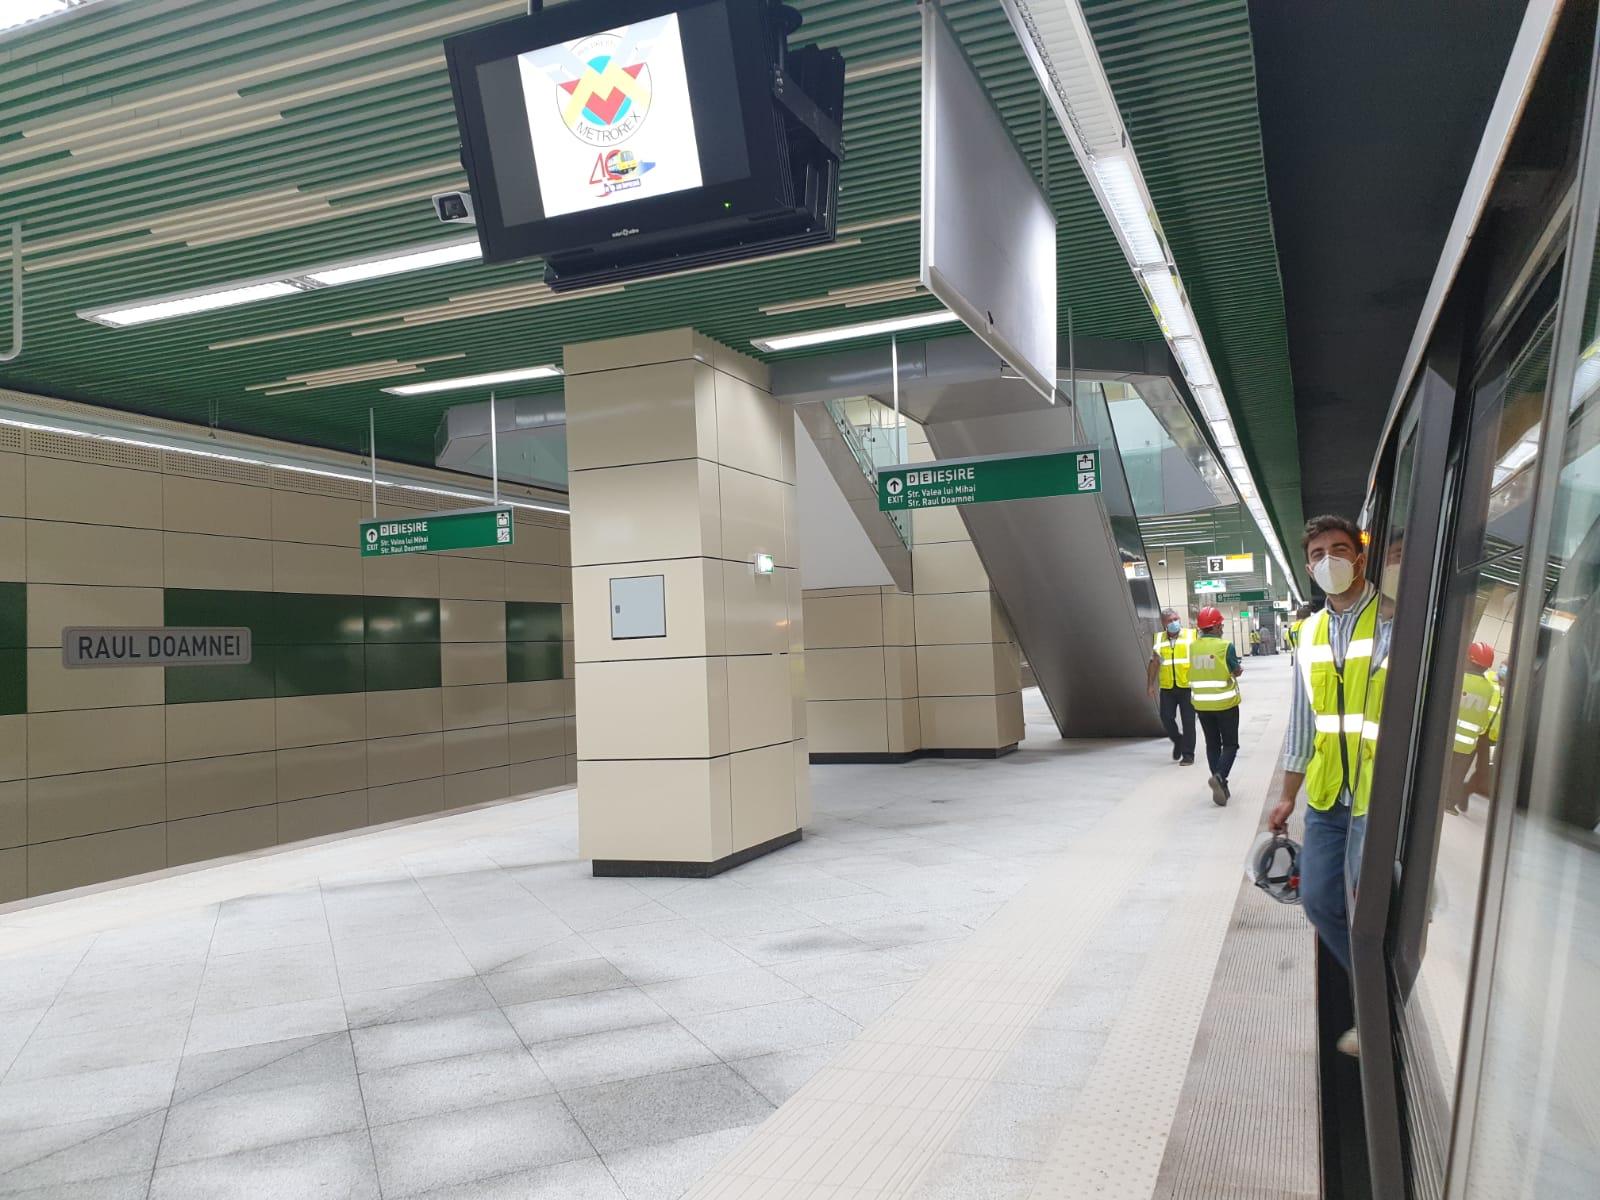 Cum arată Magistrala 5 din Drumul Taberei și care sunt cele 10 stații noi de metrou